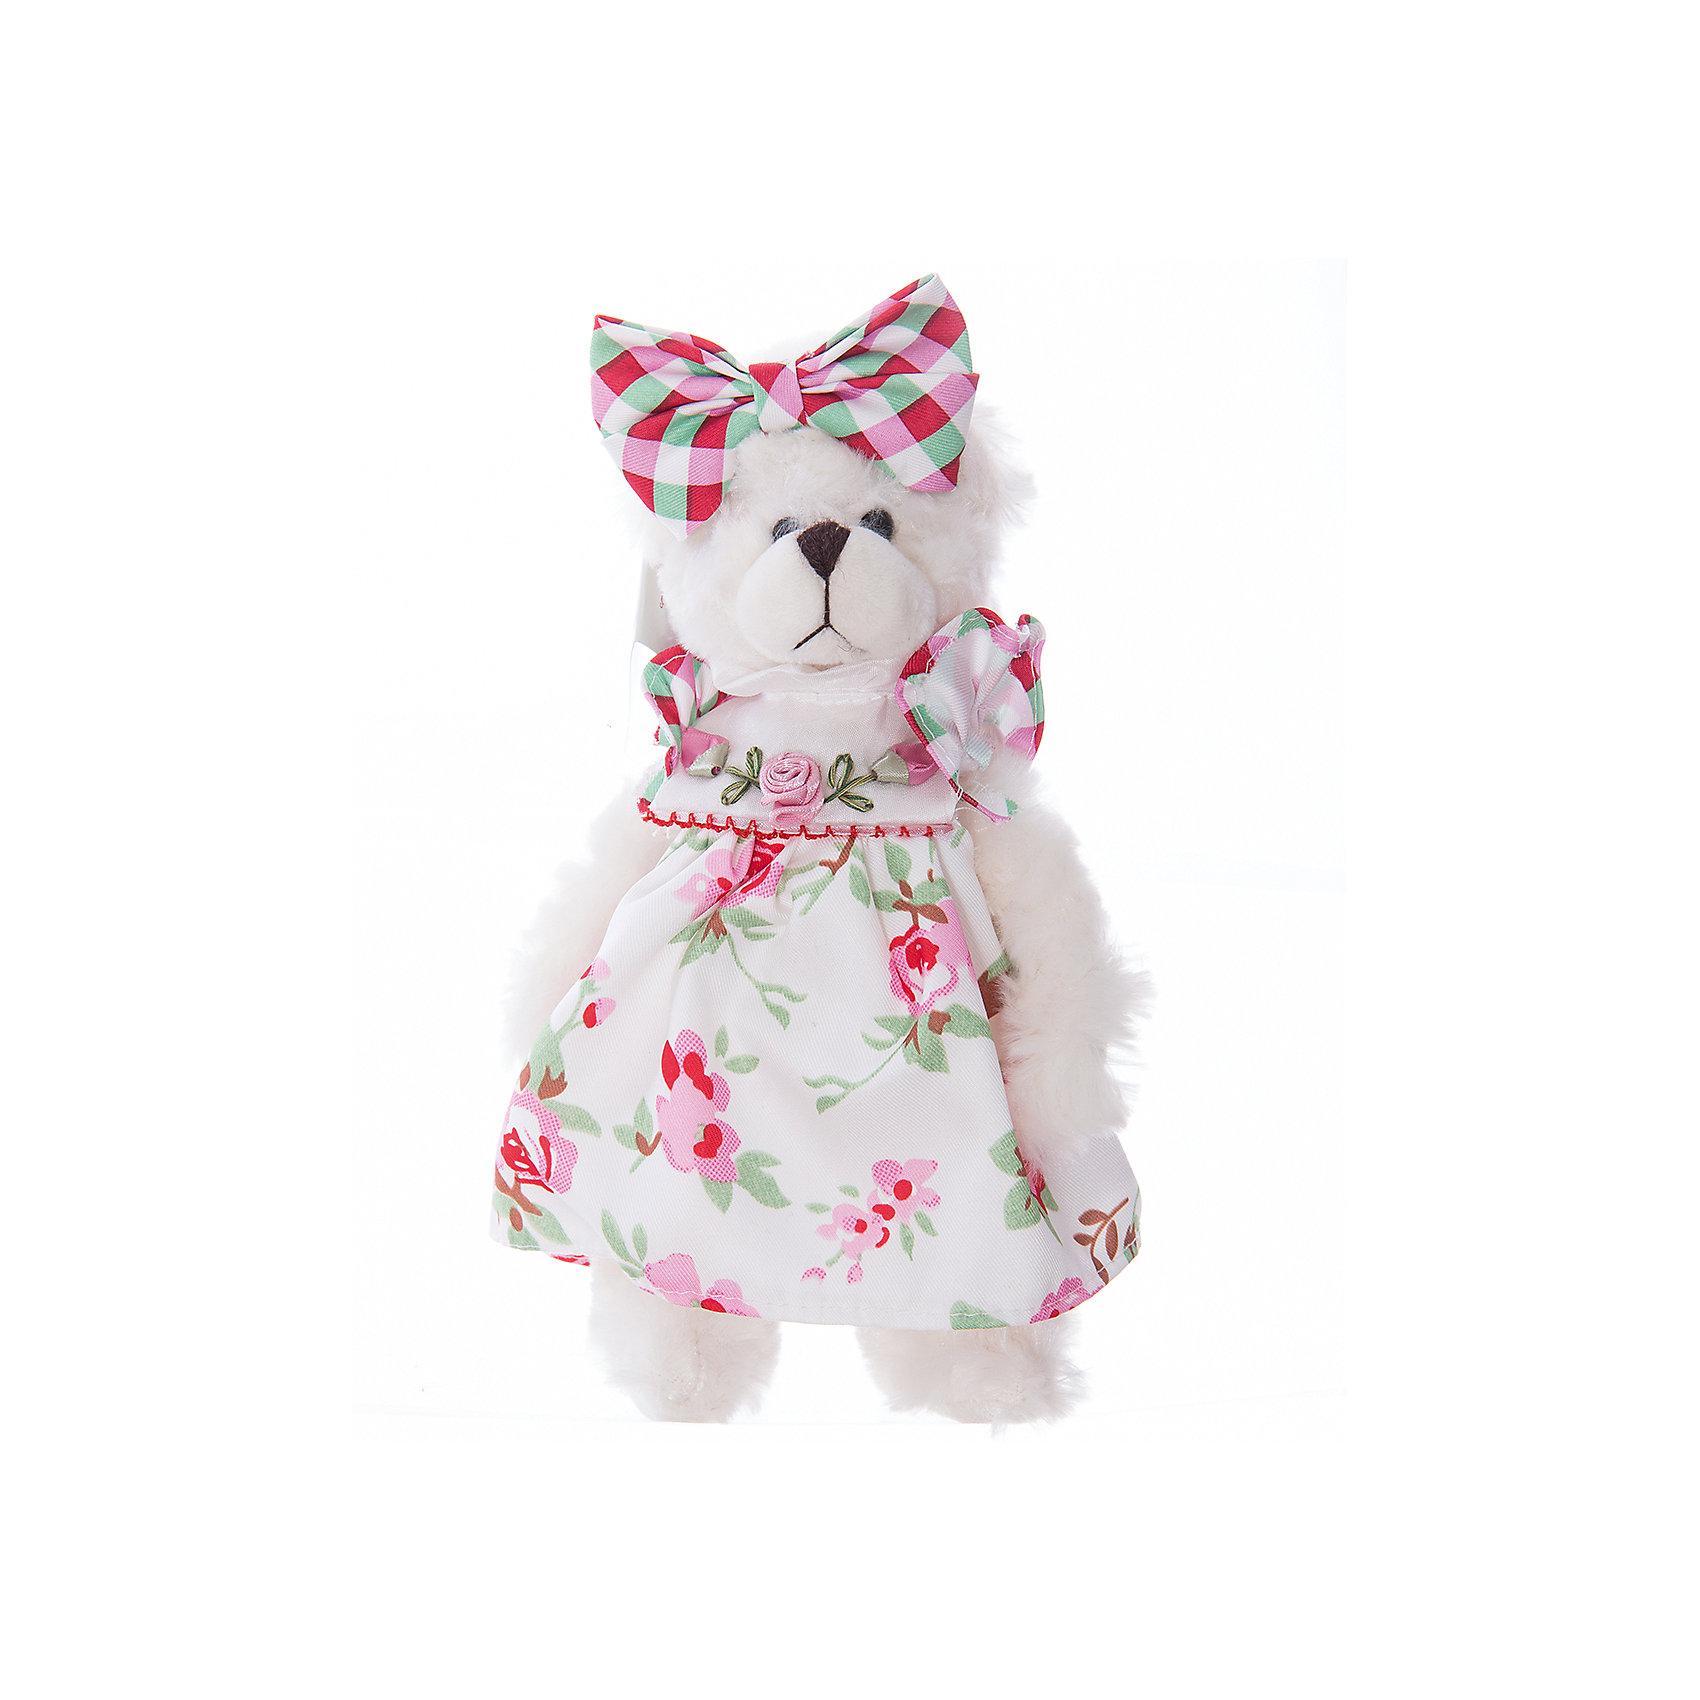 Интерьерная кукла Мишка C21-108128, EstroХарактеристики интерьерной куклы:<br><br>- размеры (высота): 25*12*8 см <br>- тип игрушки: животные, мягкая игрушка<br>- персонаж: медведь <br>- вид упаковки: коробка<br>- возрастные ограничения: 3+<br>- комплектация: игрушка <br>- состав: 100% полиэстр, набивка — полиэфирное волокно, платье — текстиль, без механизма.<br>- материал изготовления: высококачественный пластик, полиэстер, ткань<br>- стиль: классический, прованс<br>- бренд: Estro <br>- страна бренда: Италия<br>- страна производитель: Китай<br><br>Интерьерная кукла медведь торговой марки Estro будет прекрасным решением для домашнего интерьера. Эта вещь будет удачным приобретением для Вашей квартиры или презентом на свадьбу. Внешний вид интерьерной куклы основательно проработан. Все составляющие аккуратно выбраны и хорошо подходят друг к другу. <br><br>Интерьерную куклу медвежонок итальянской торговой марки Estro можно купить в нашем интернет-магазине.<br><br>Ширина мм: 100<br>Глубина мм: 100<br>Высота мм: 250<br>Вес г: 132<br>Возраст от месяцев: 36<br>Возраст до месяцев: 1188<br>Пол: Женский<br>Возраст: Детский<br>SKU: 5356621